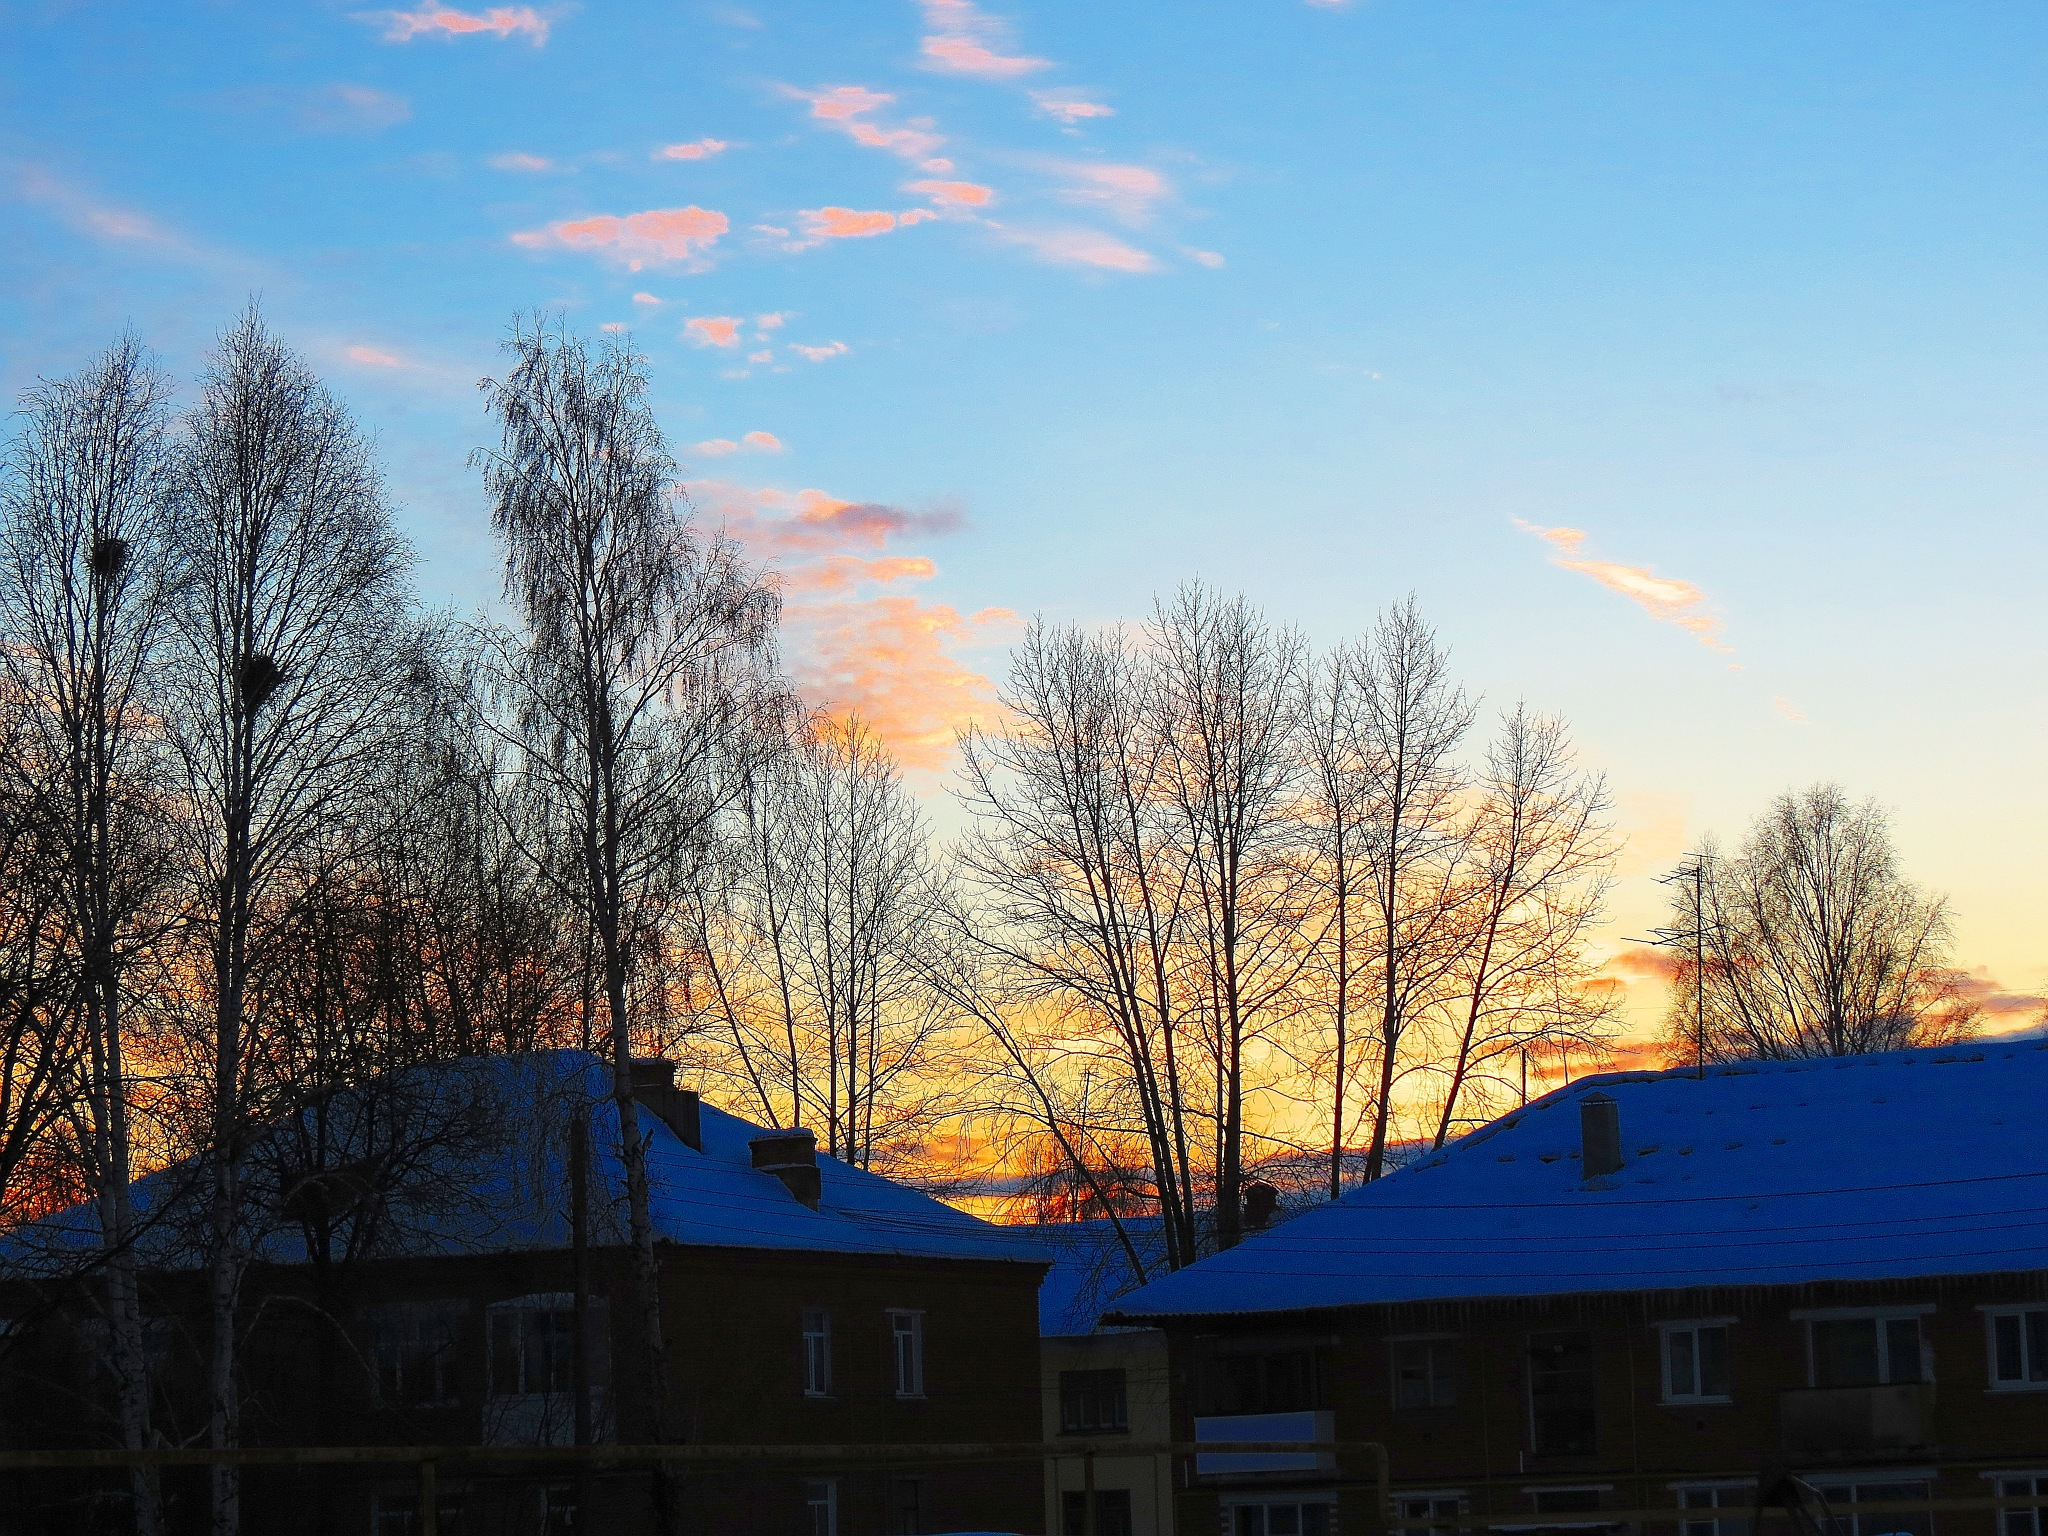 Sunset by sergey.parfeniuk